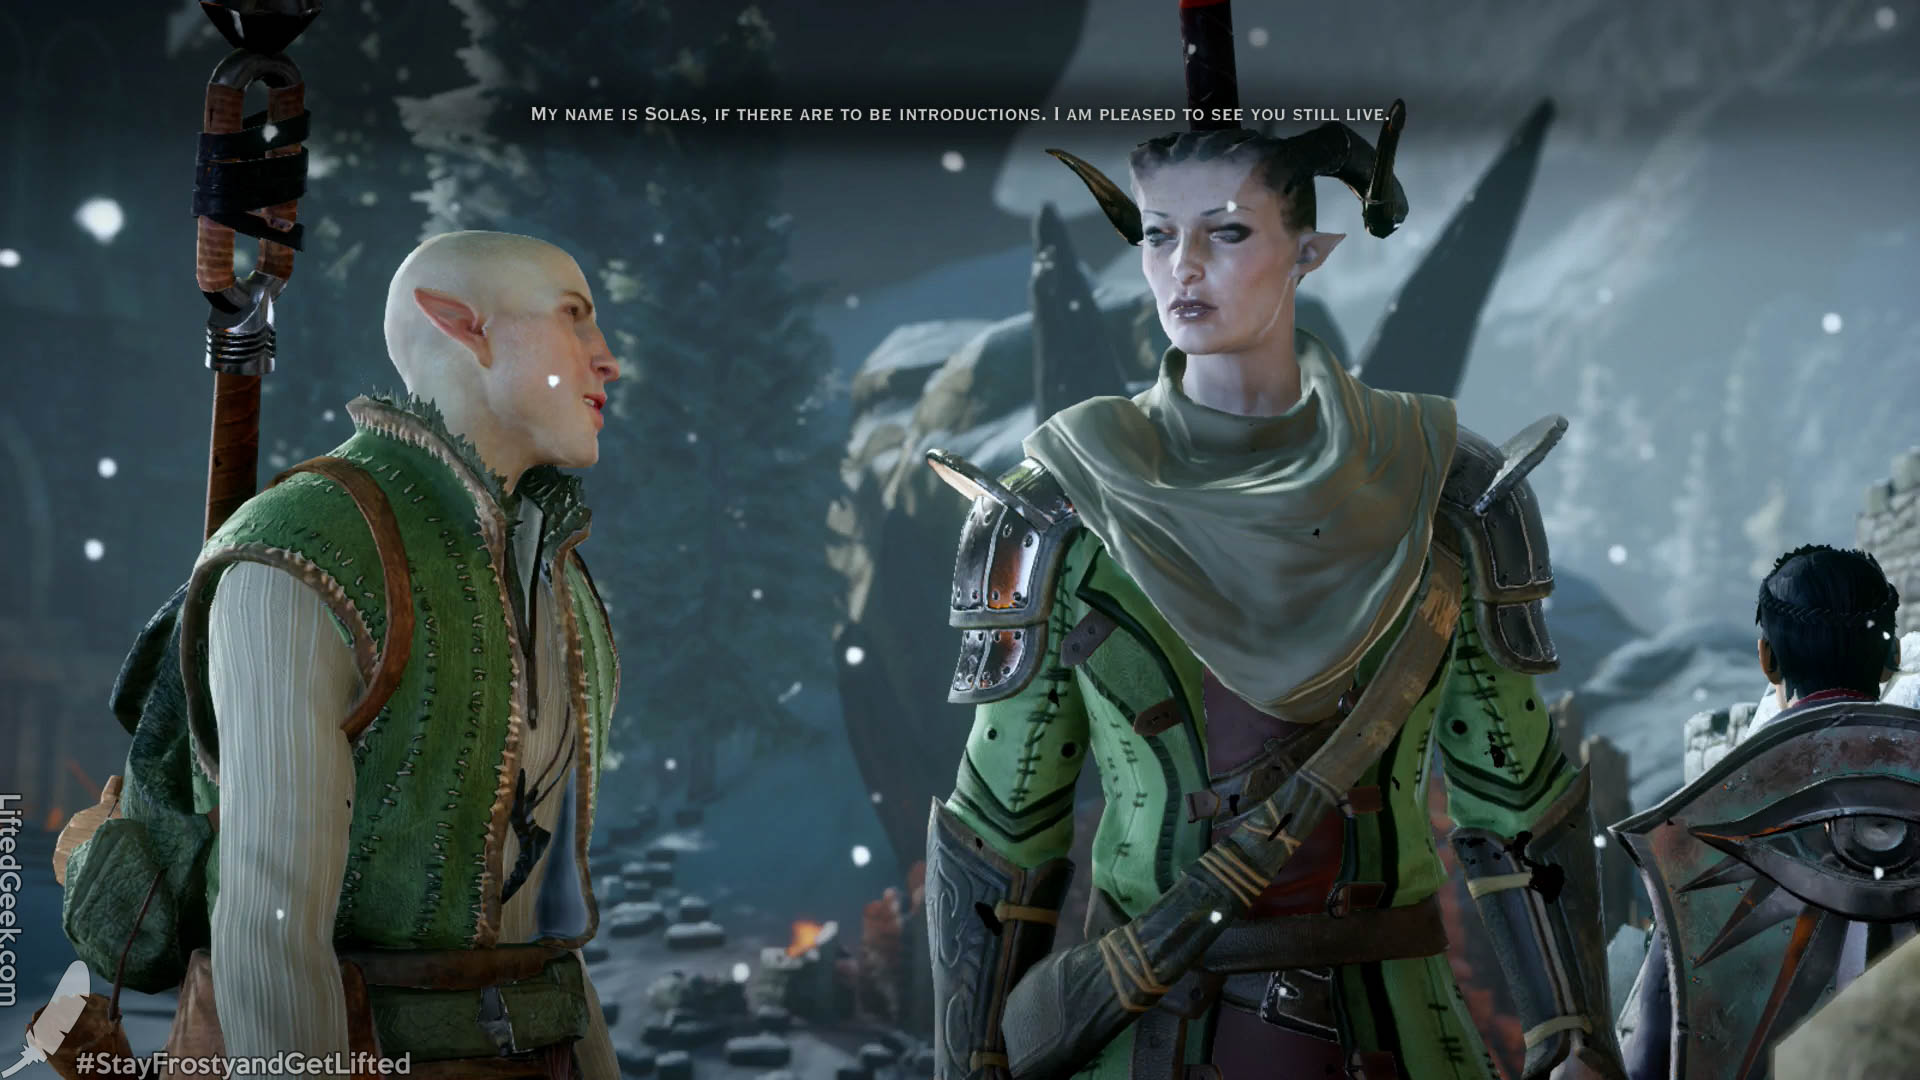 a Quinari Inquisitor meeting Solas